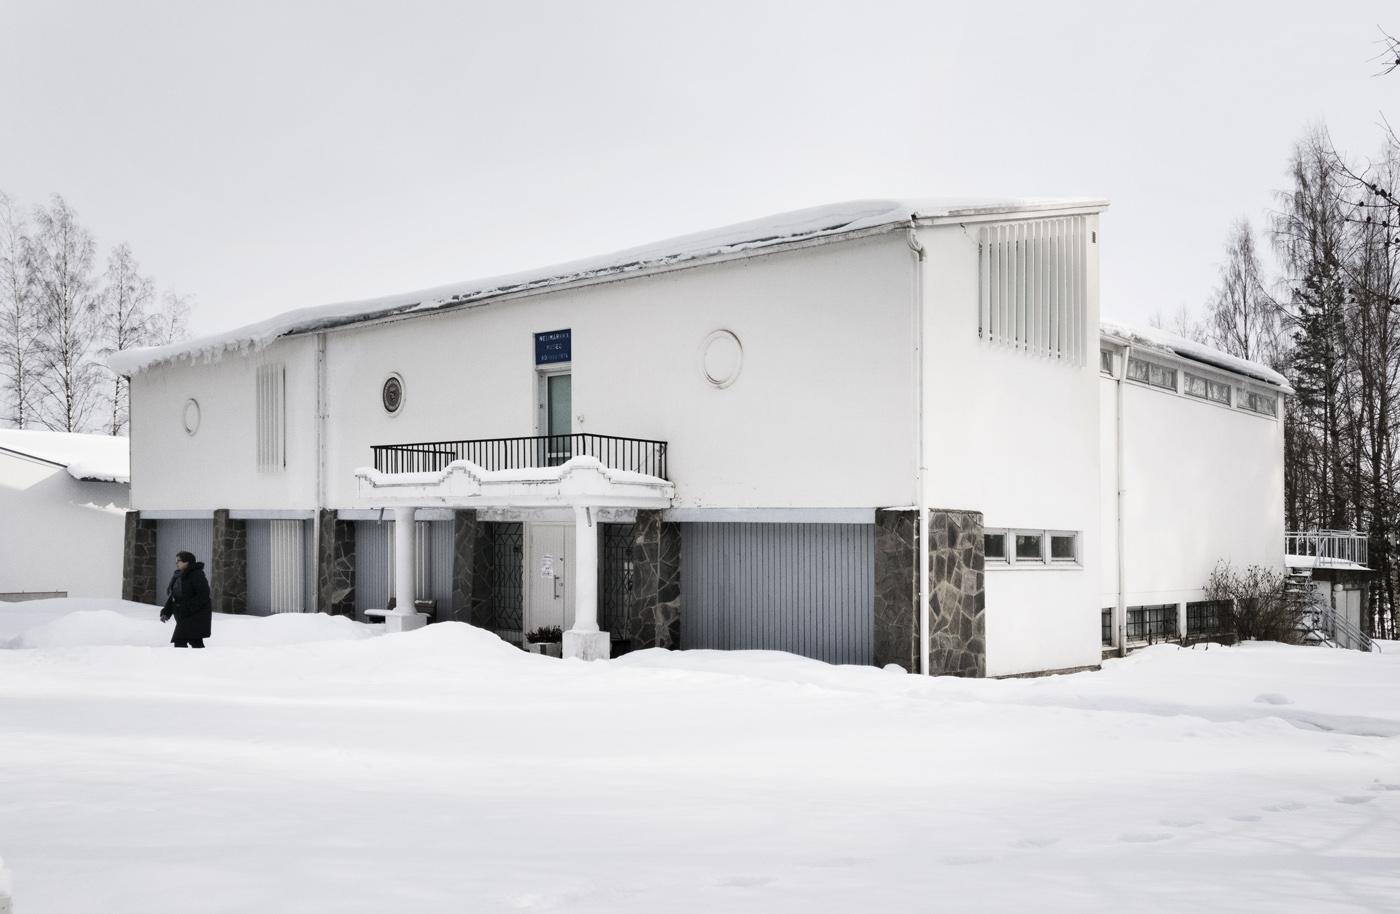 The Nelimarkka Museum, Alajärvi